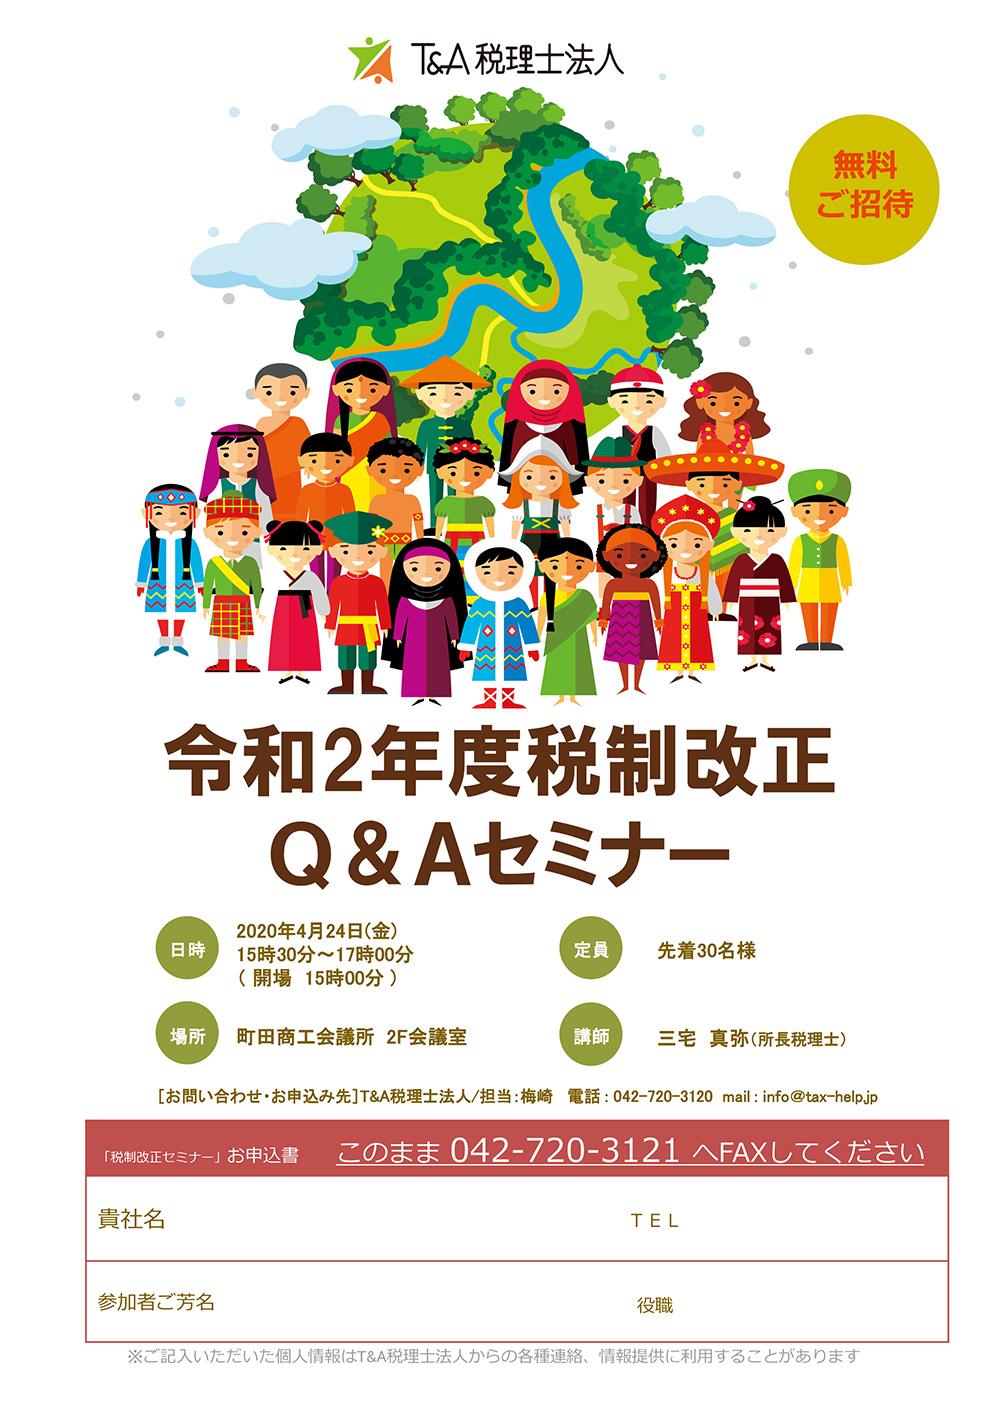 2020税制改正セミナー案内.jpg